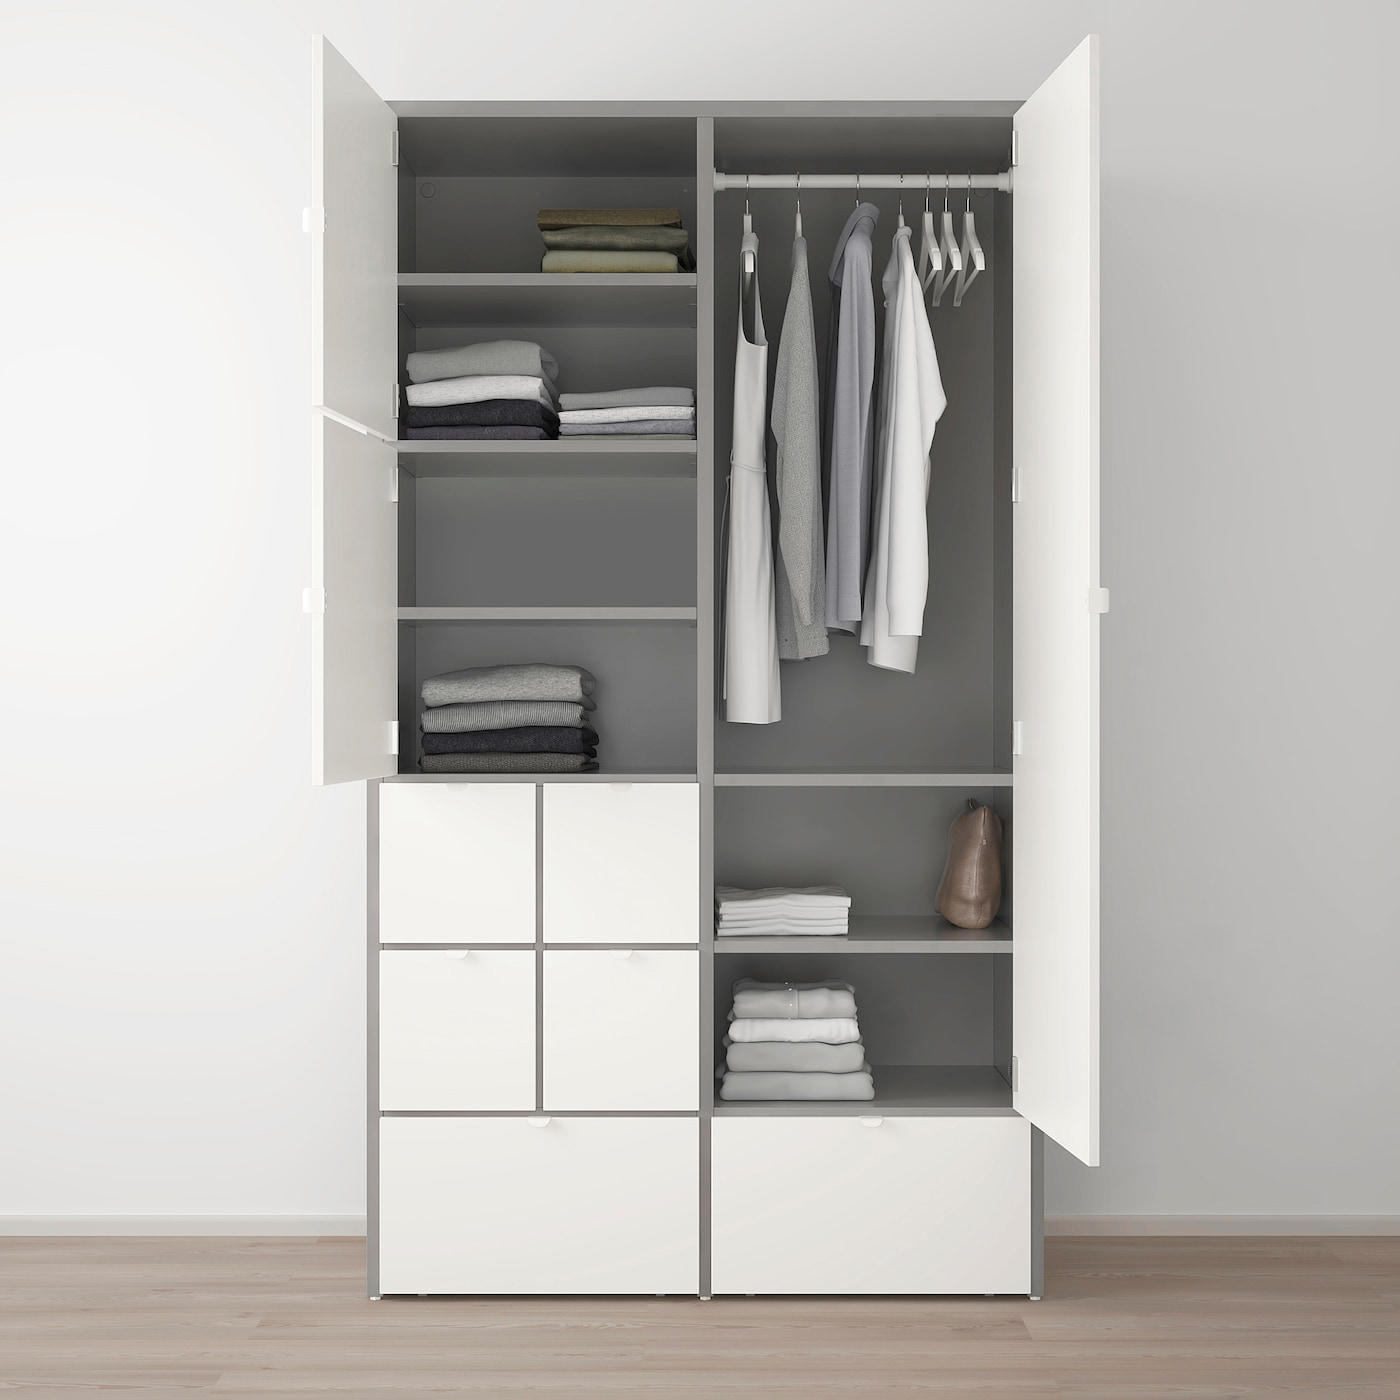 Ikea Placard Sur Mesure visthus armoire-penderie - gris, blanc 122x59x216 cm